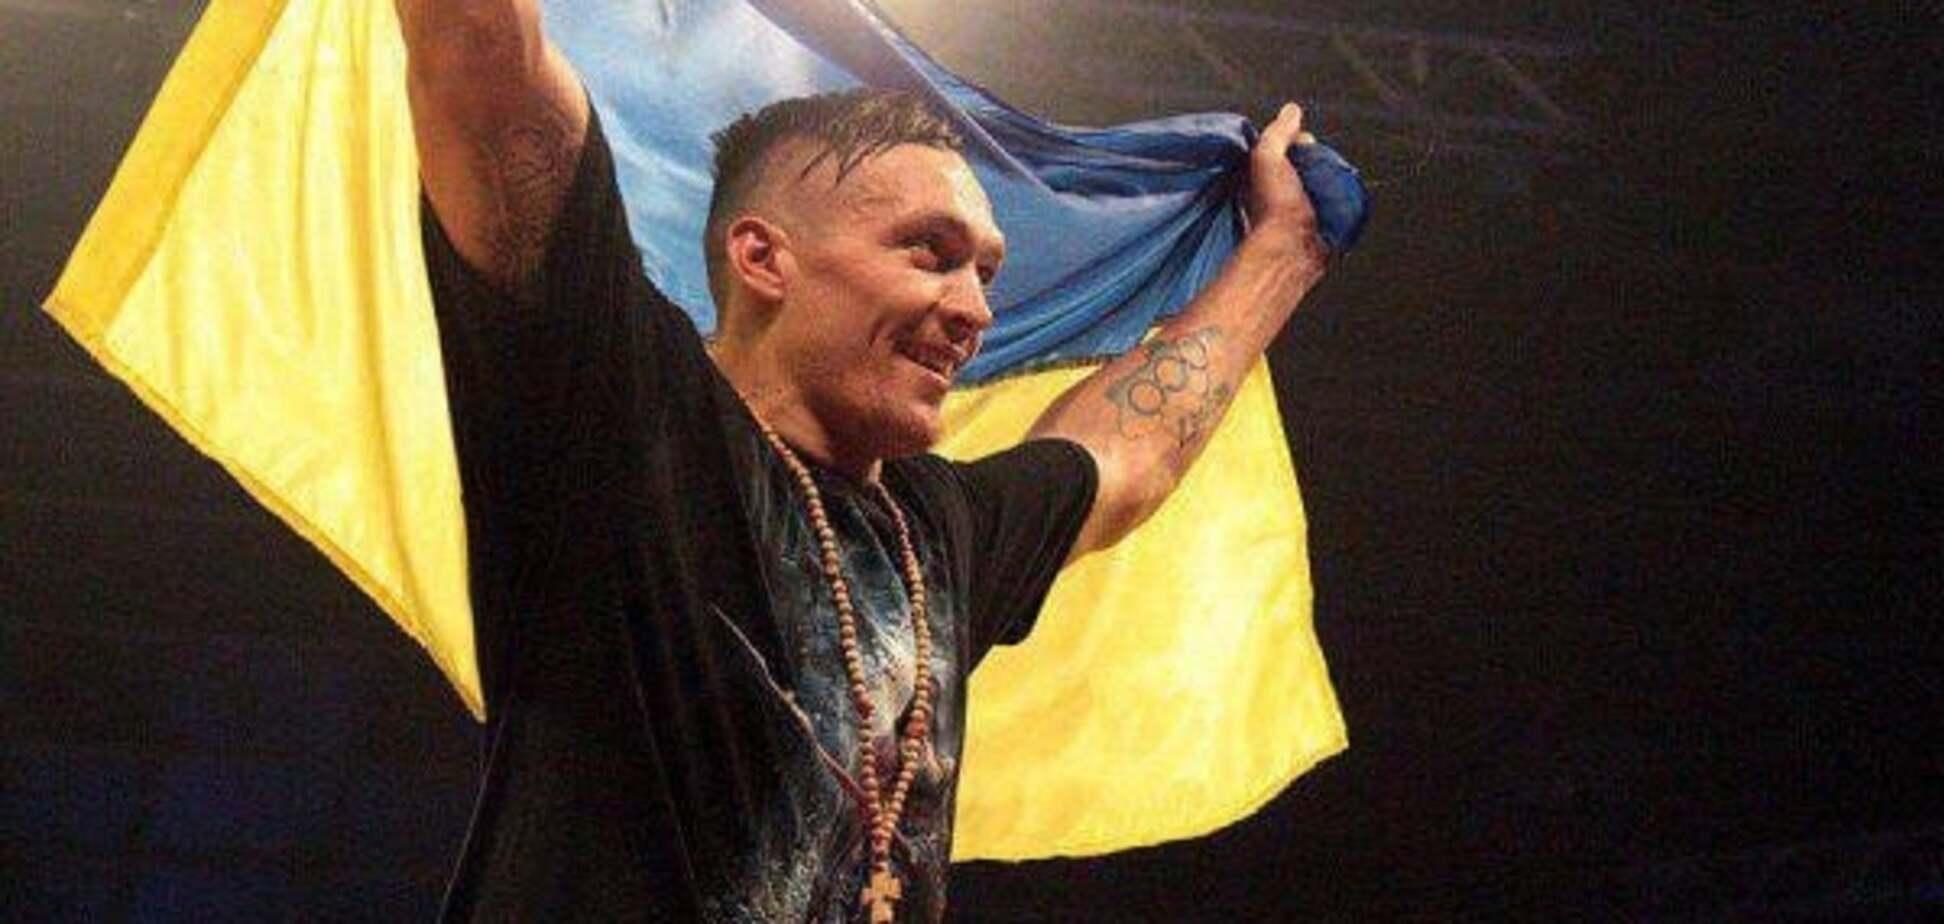 'Чтобы был мир': Усик после боя оставил трогательное послание Украине